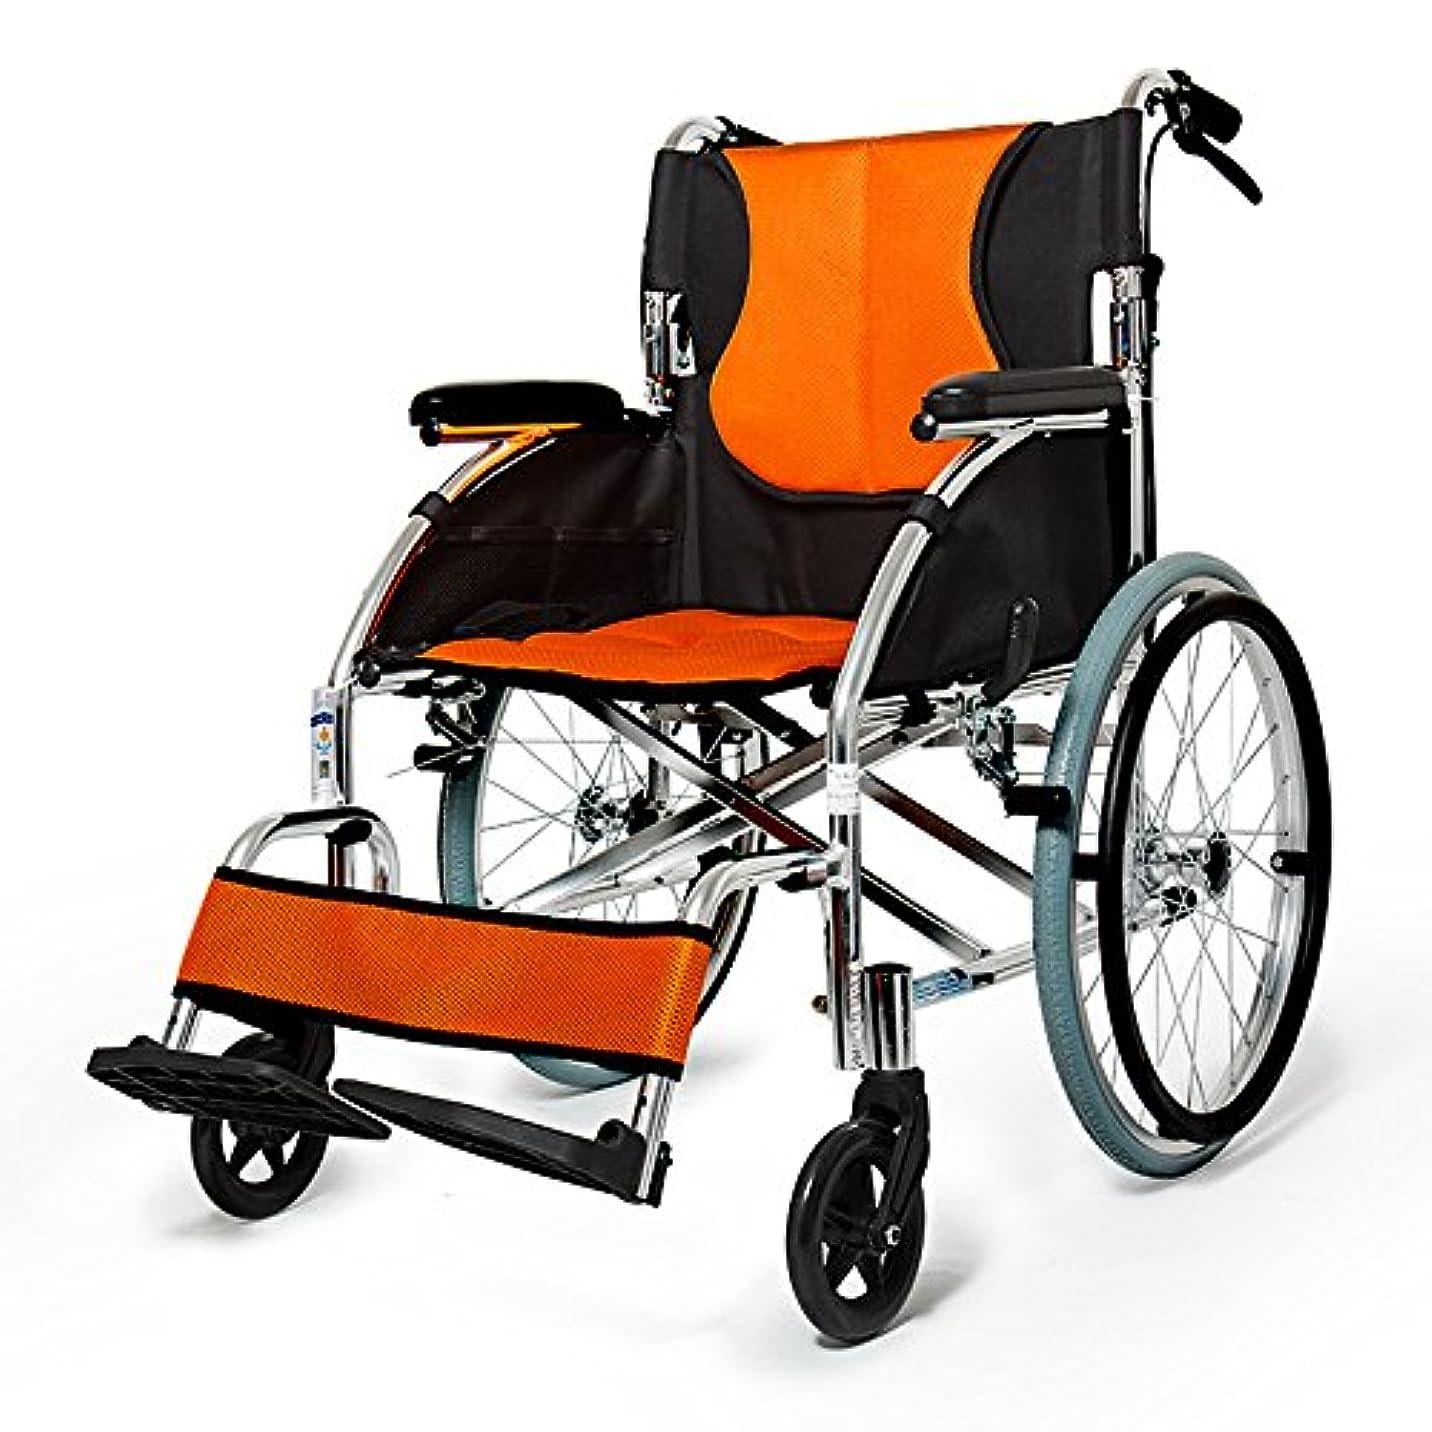 司法ルーフ調子QFFL 車椅子高齢者スチール折り畳み式折りたたみ式椅子障害のあるスクーターインフレータブル小型車いす2色展開 松葉杖ウォーカー (色 : B)